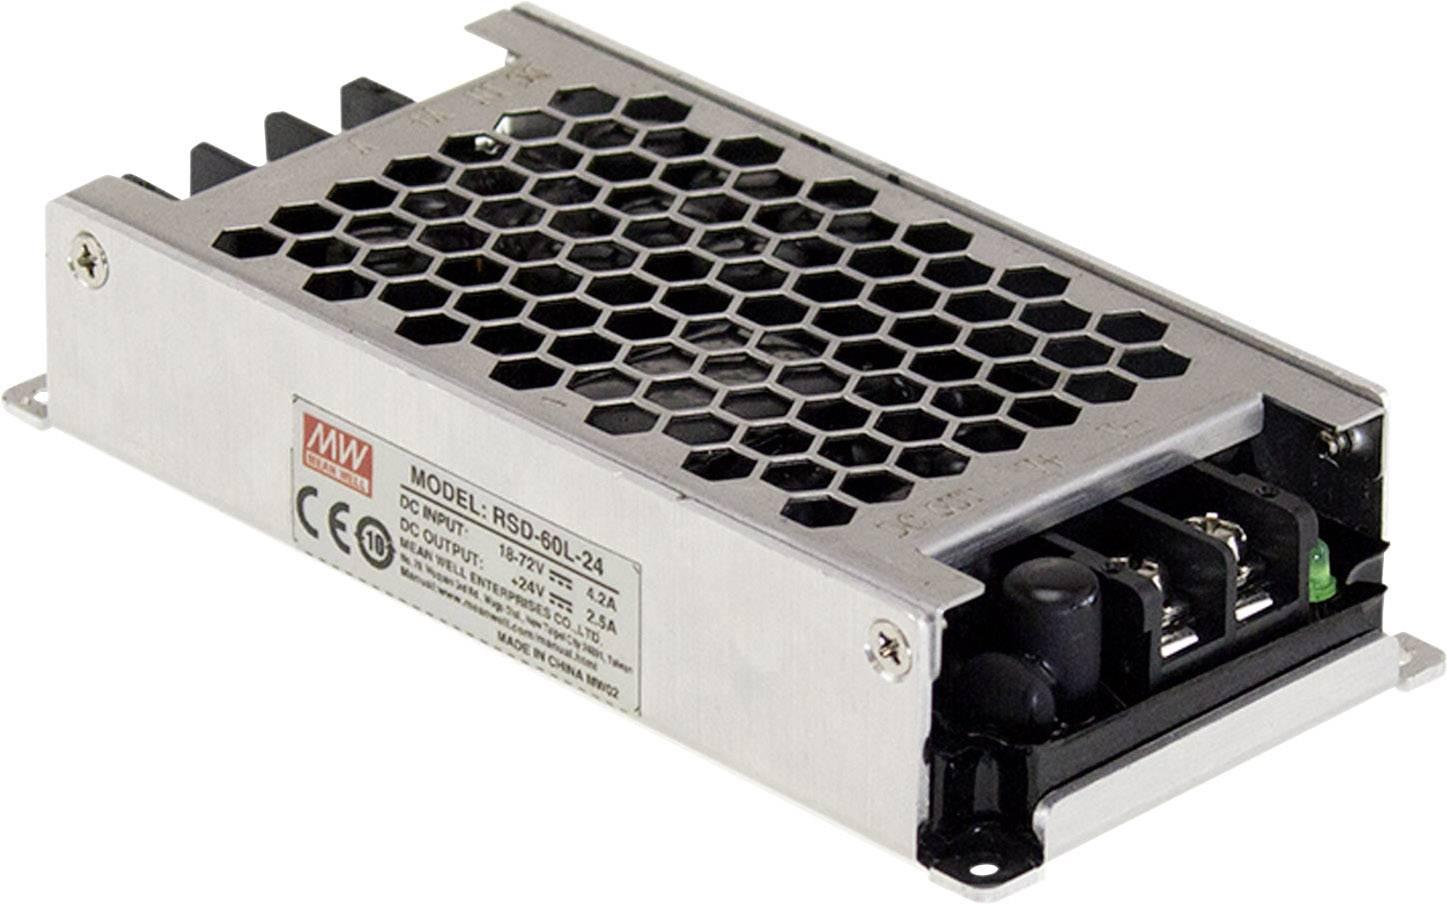 DC/DC měnič napětí do auta Mean Well RSD-60G-5 5 V/DC/12 A